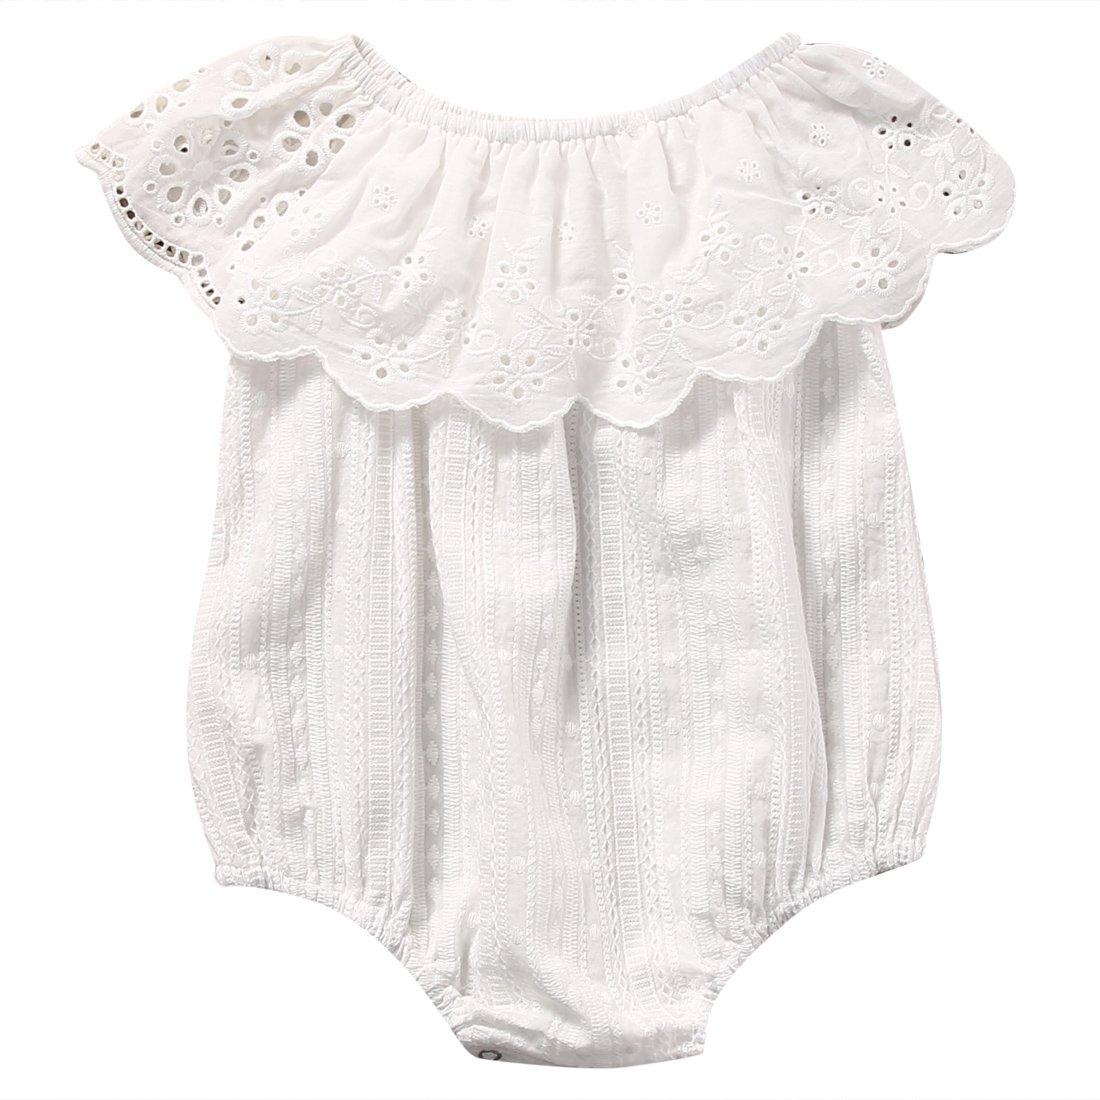 Bébé Fille Bébé Barboteuse Combinaisons Vêtements 0-24 Mois